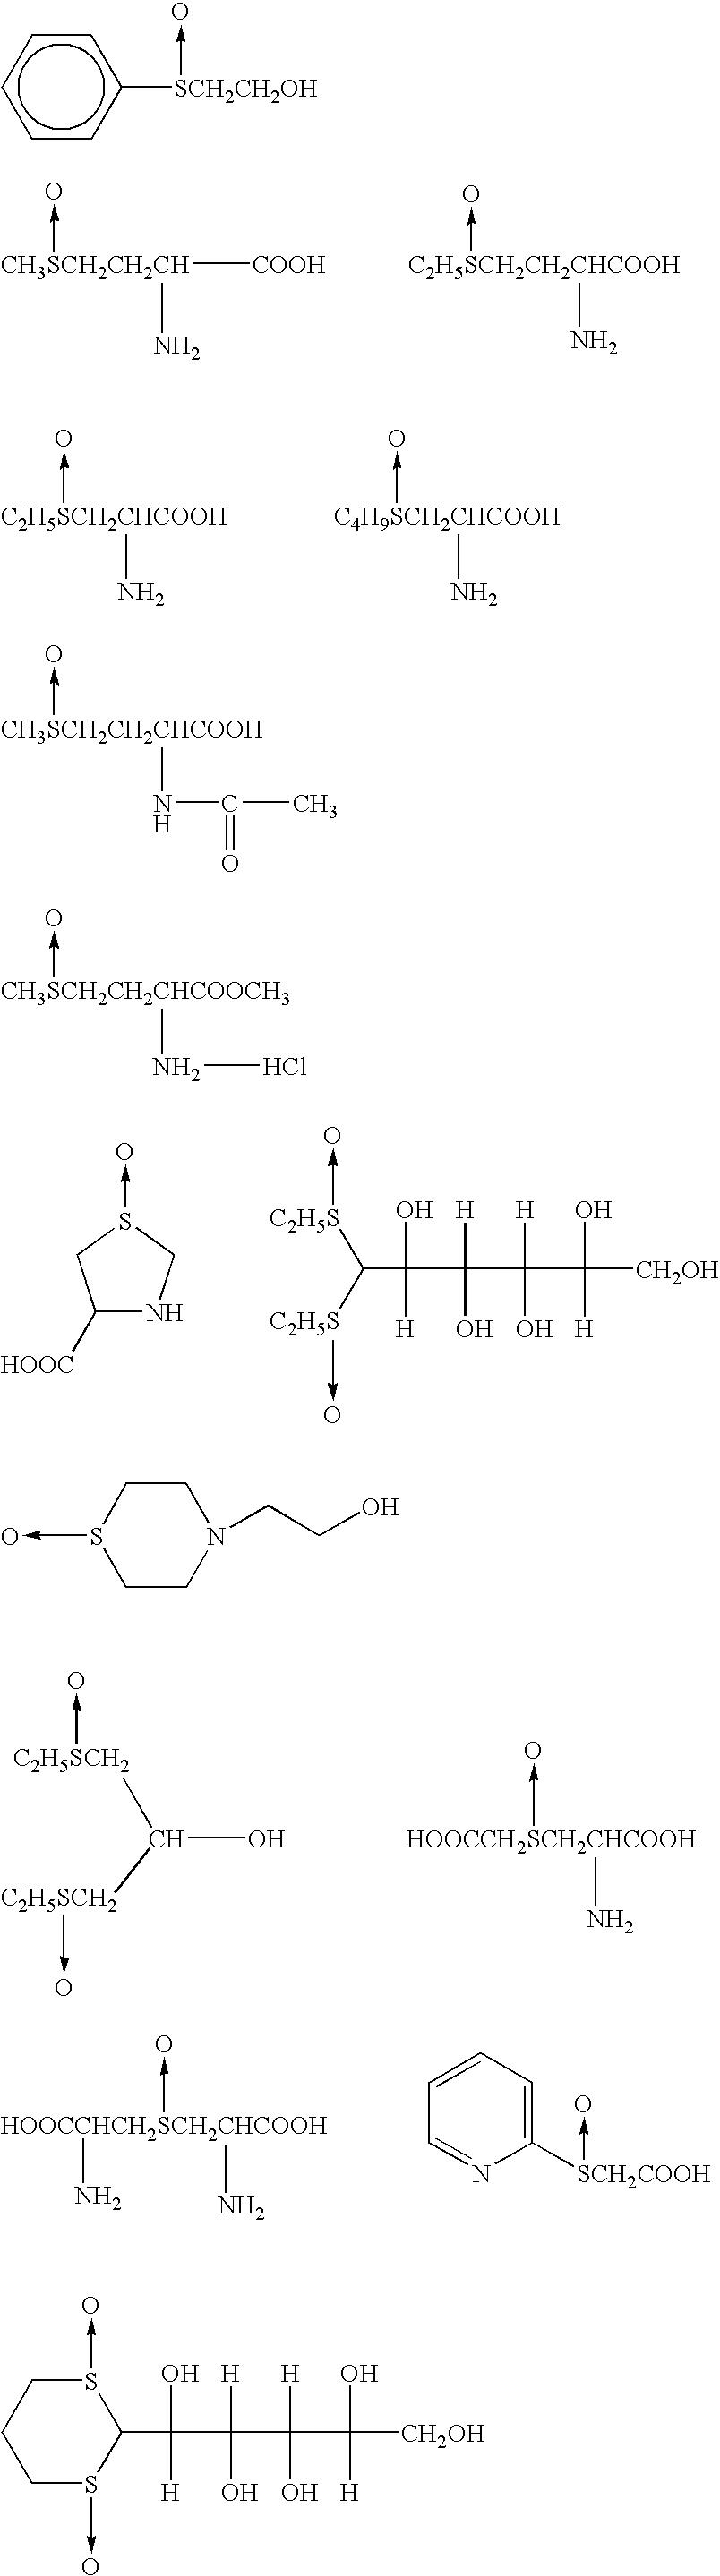 Figure US20040246321A1-20041209-C00162